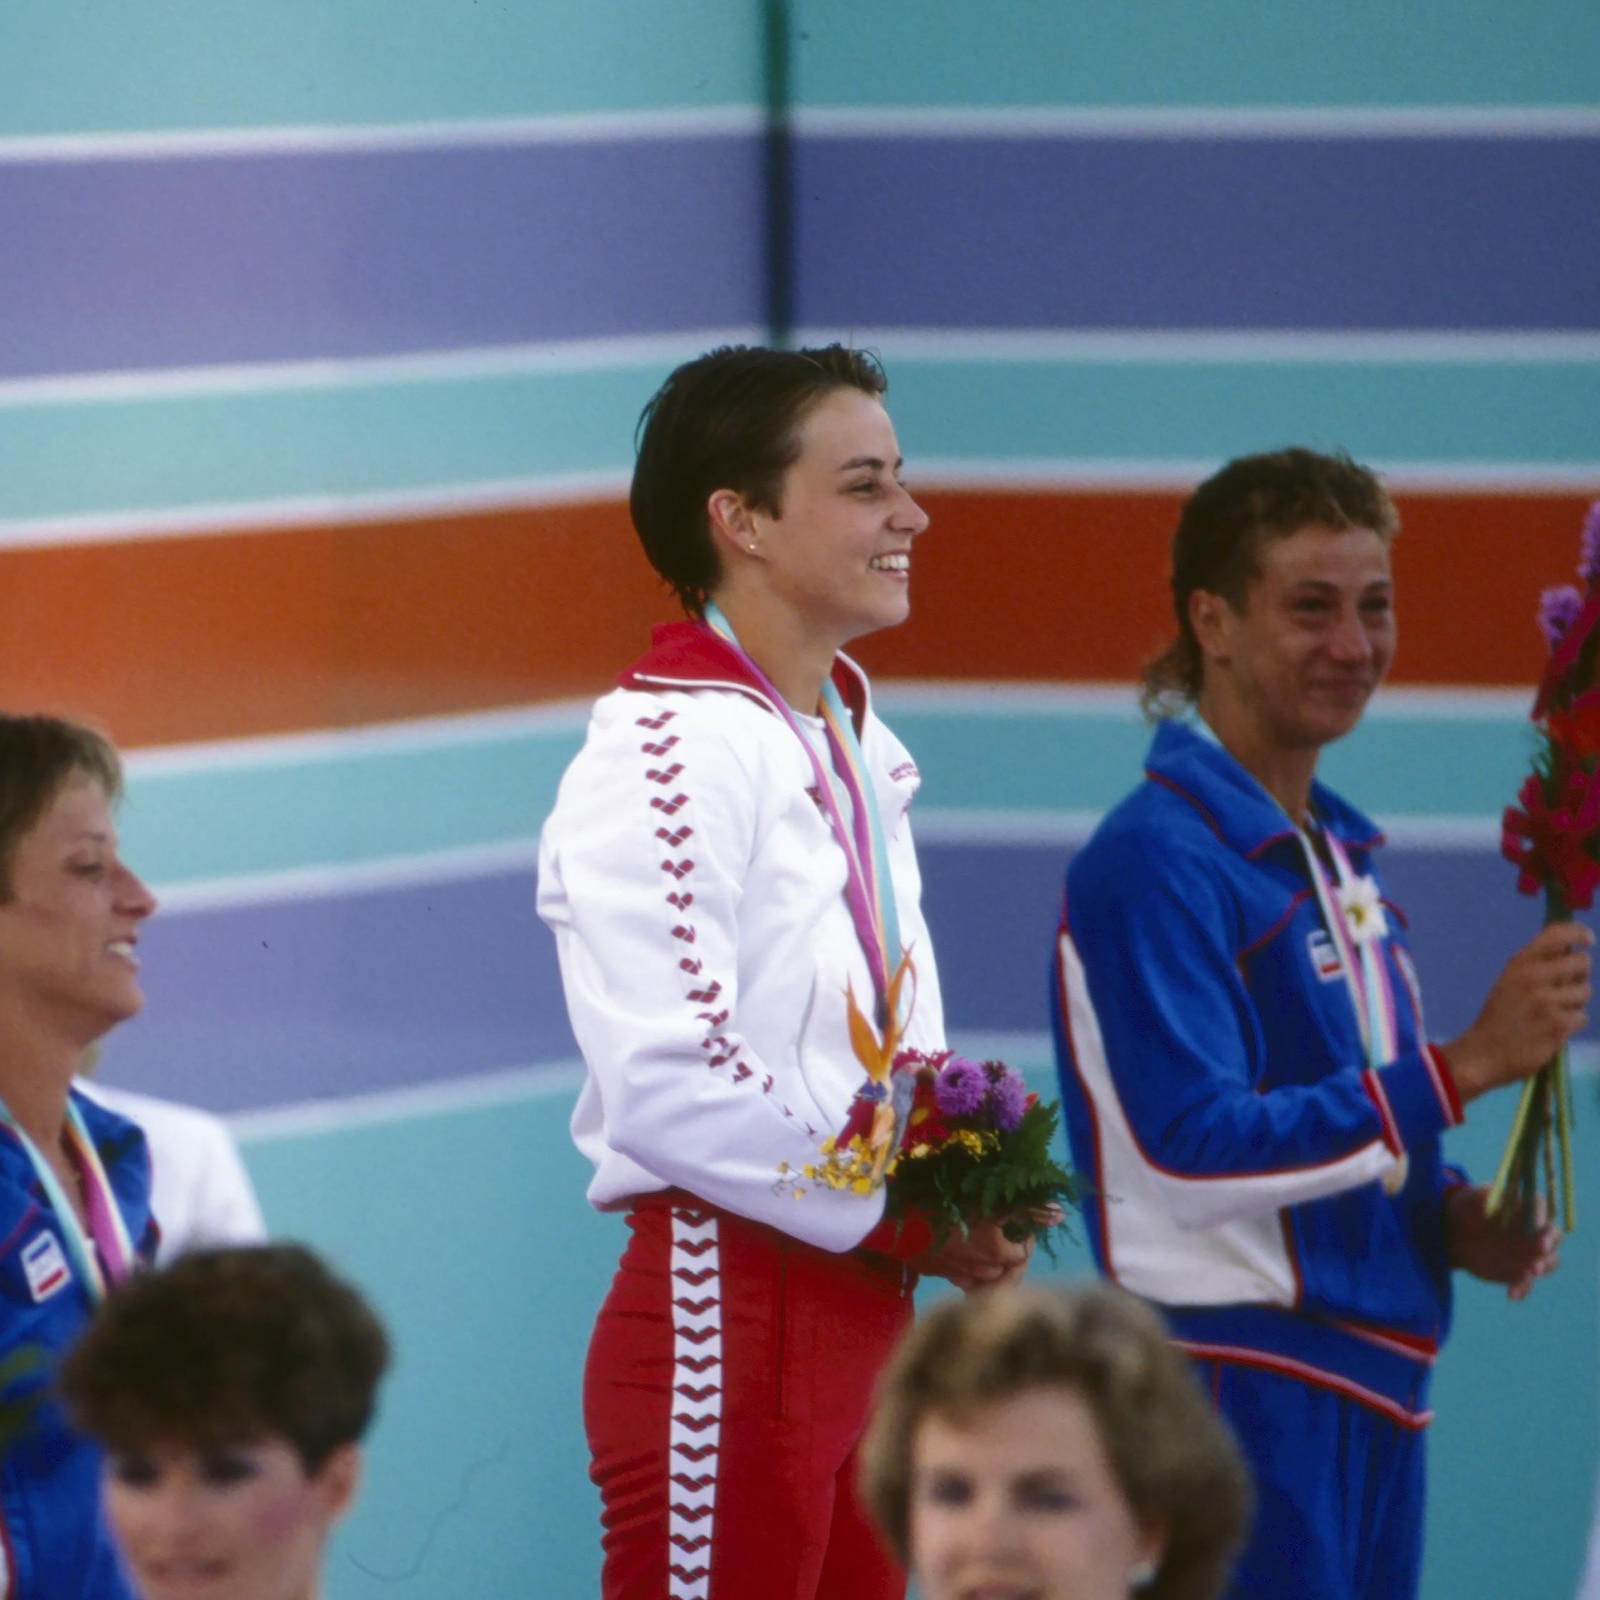 Sylvie Bernier (centre) pendant la cérémonie des médailles de l'épreuve de plongeon au tremplin de 3 m aux Jeux olympiques de Los Angeles, en 1984